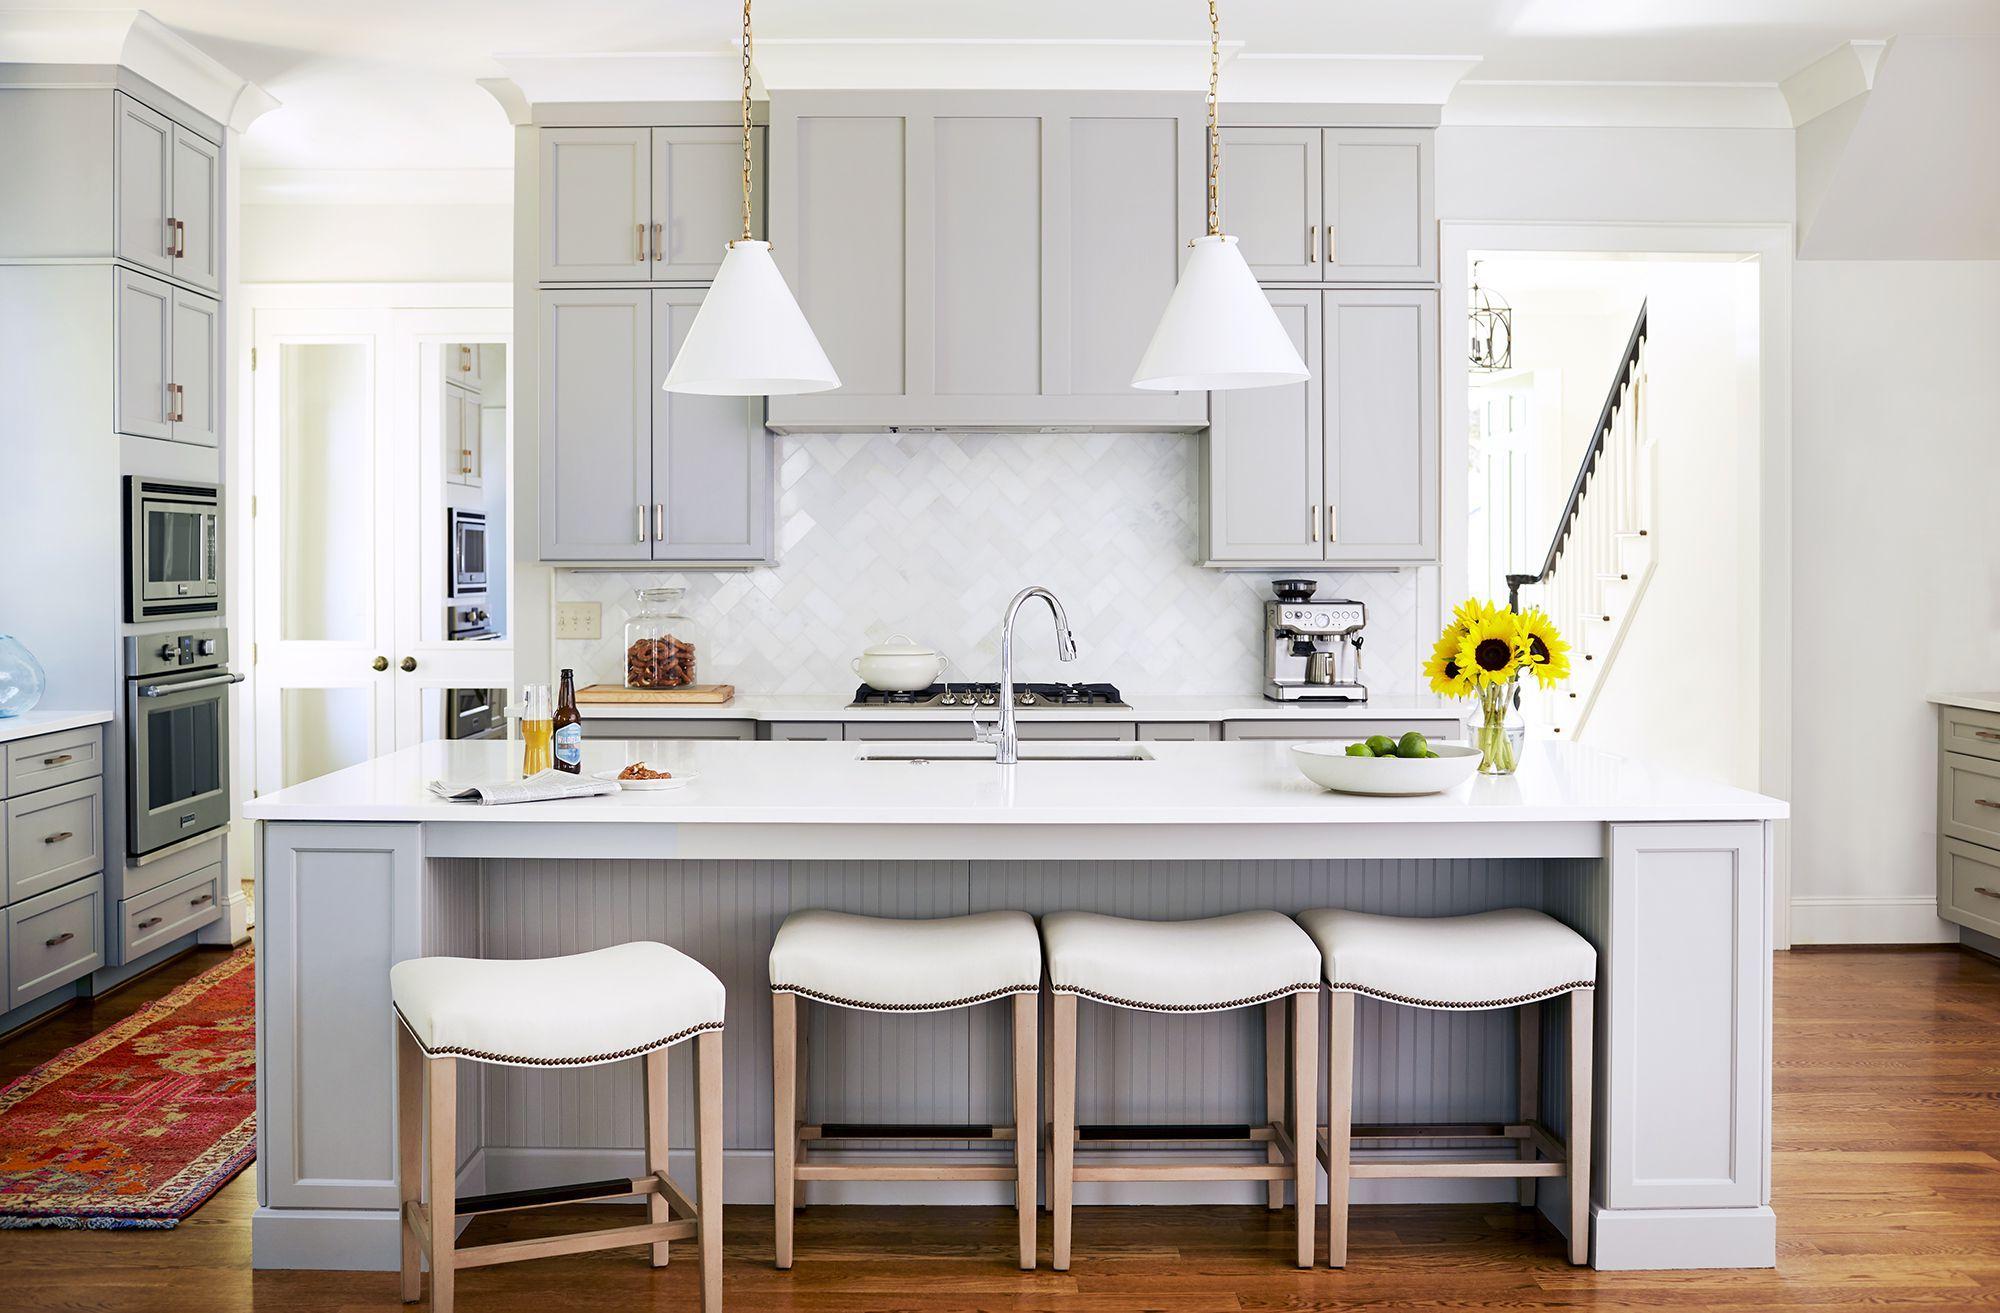 Kochinsel Küchengröße. Eine Kleine Küche In New York Leseprobe ...